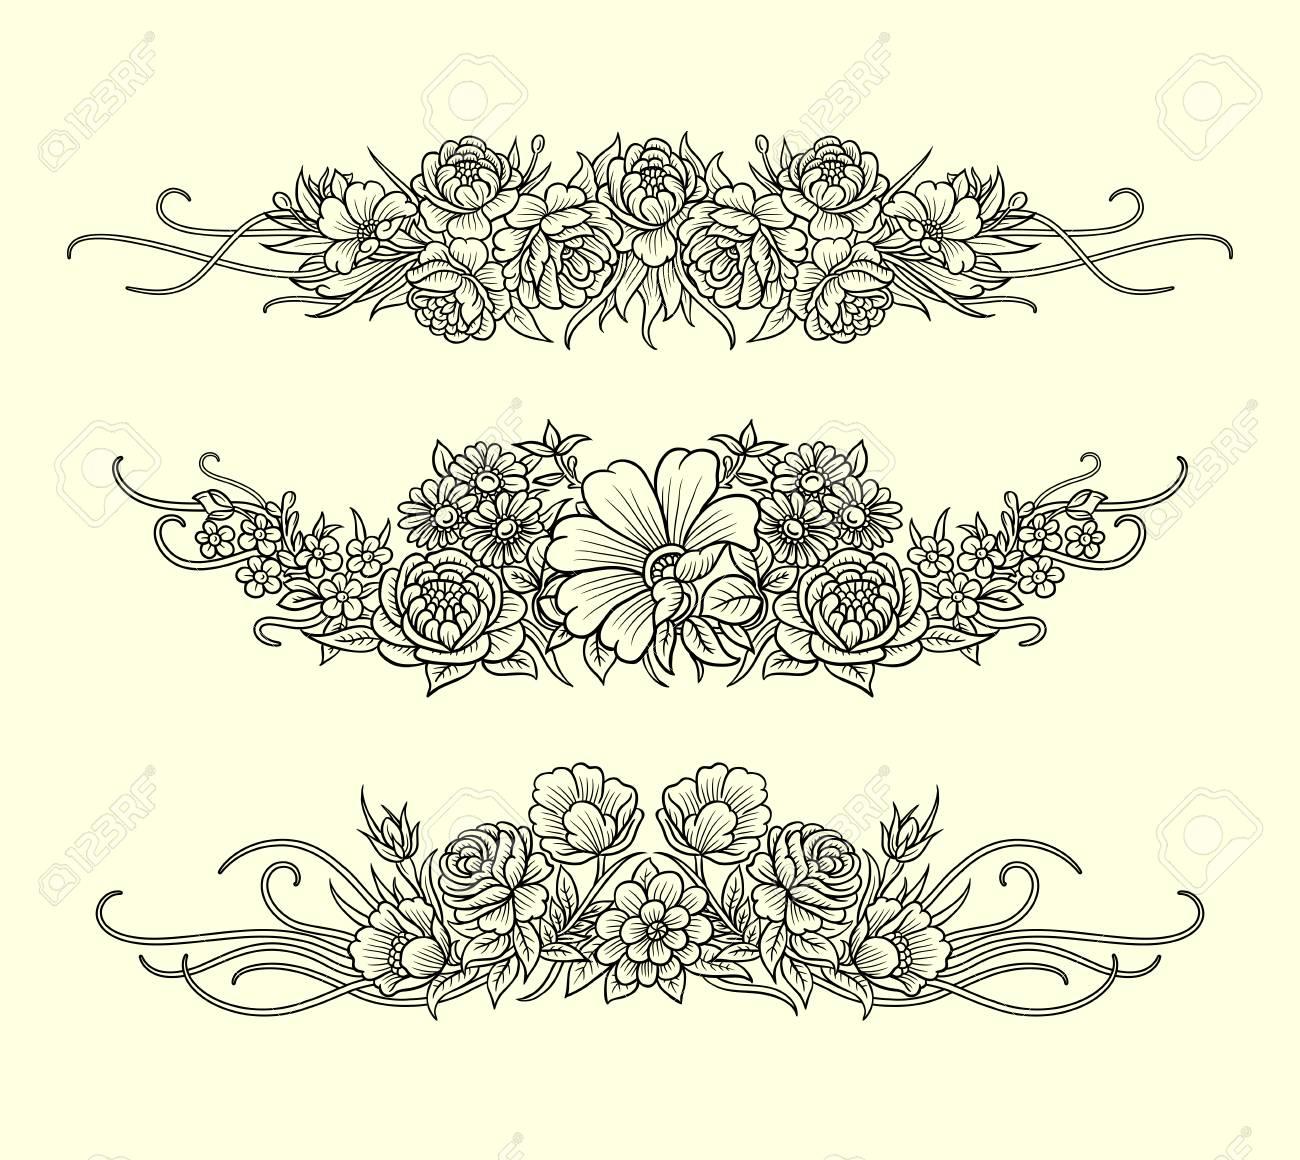 Fleurs Et Feuilles Décoration D'ornement Ligne Art Dessin Style